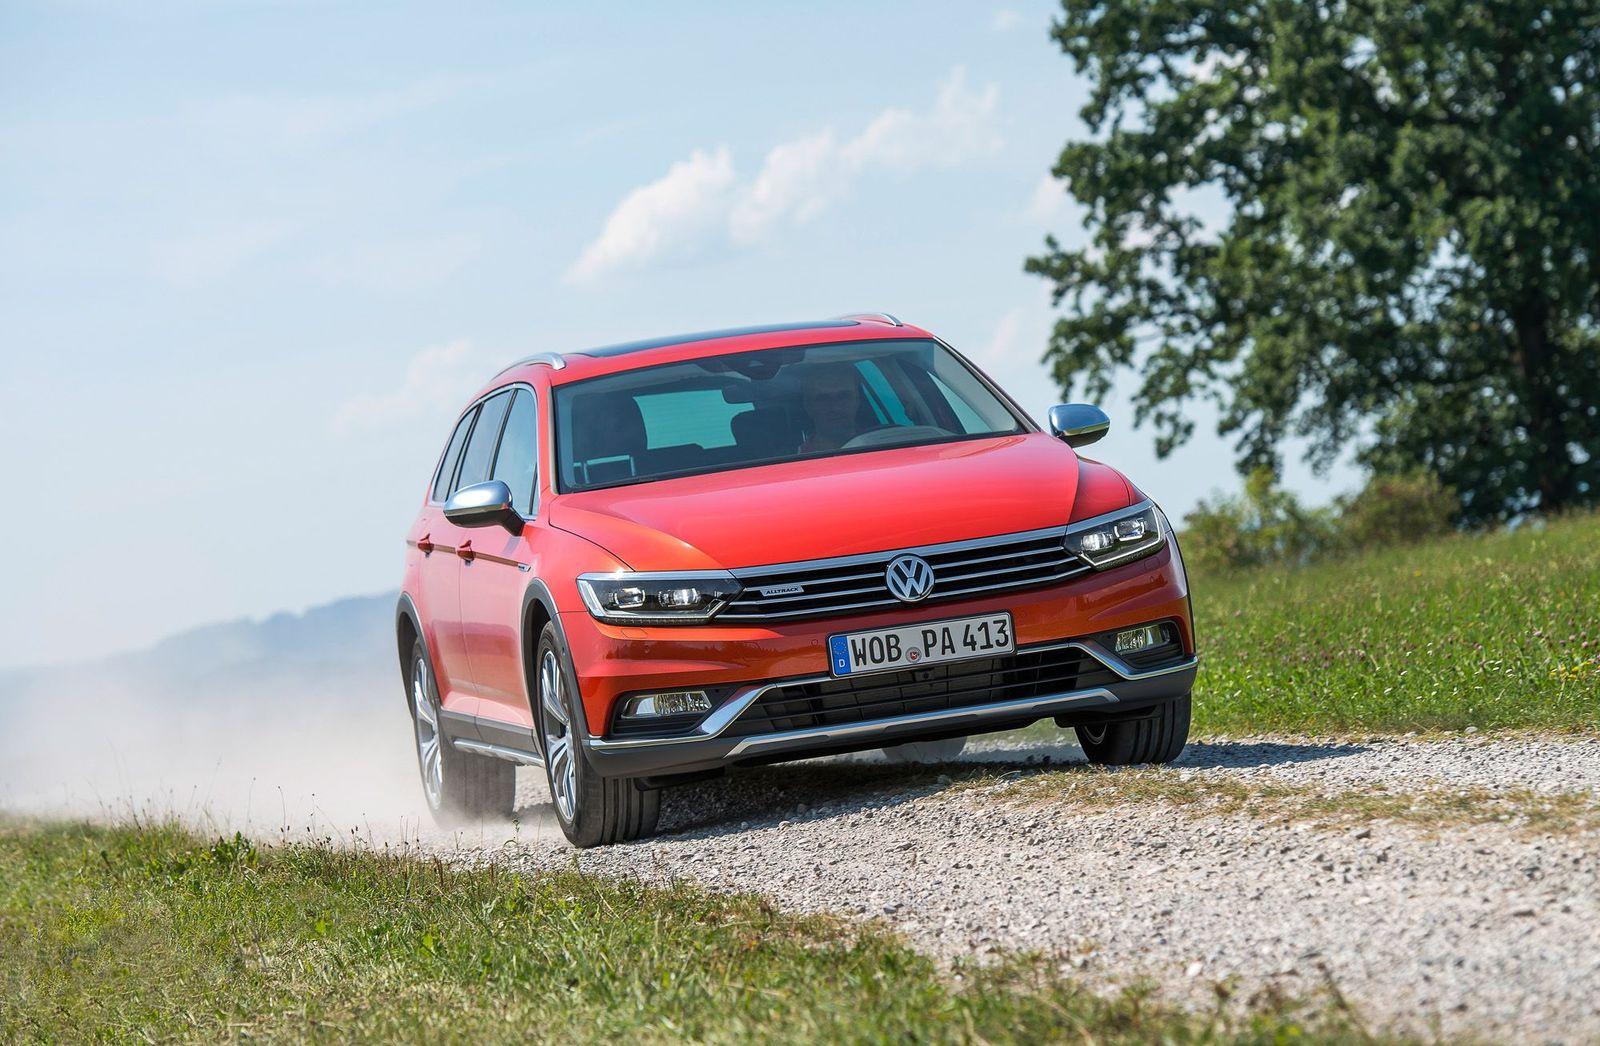 2015 / VW Passat Alltrack